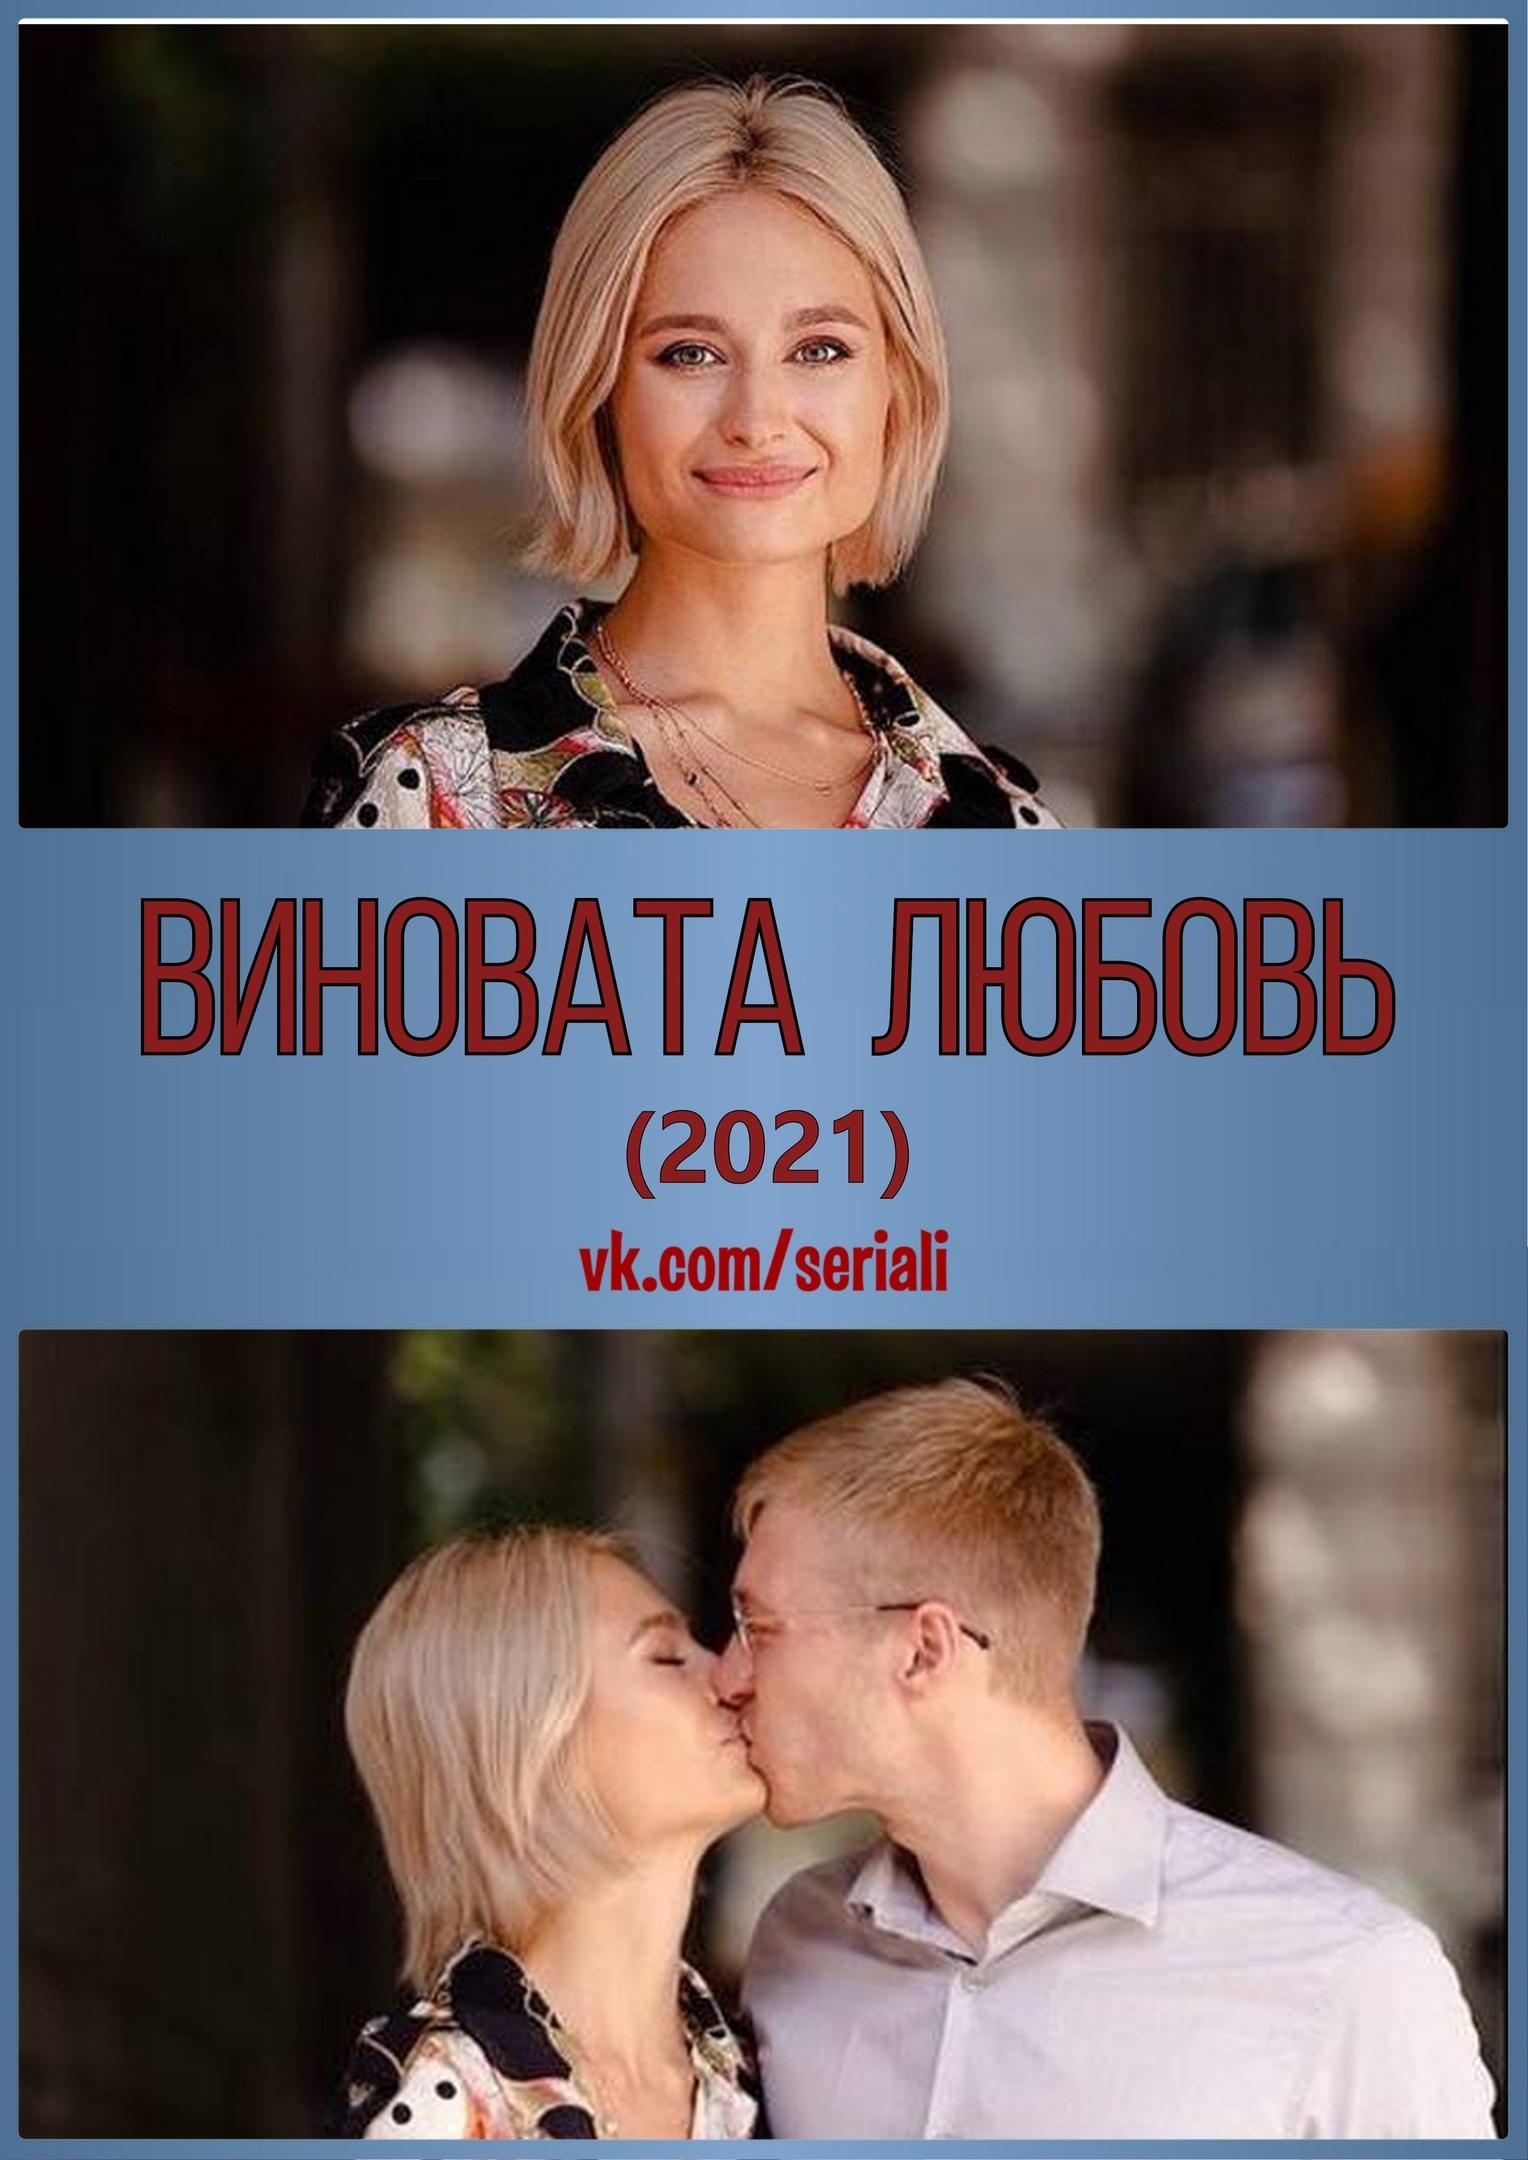 Мелодрама «Вuнoвaтa любовь» (2021) 1-4 серия из 4 HD